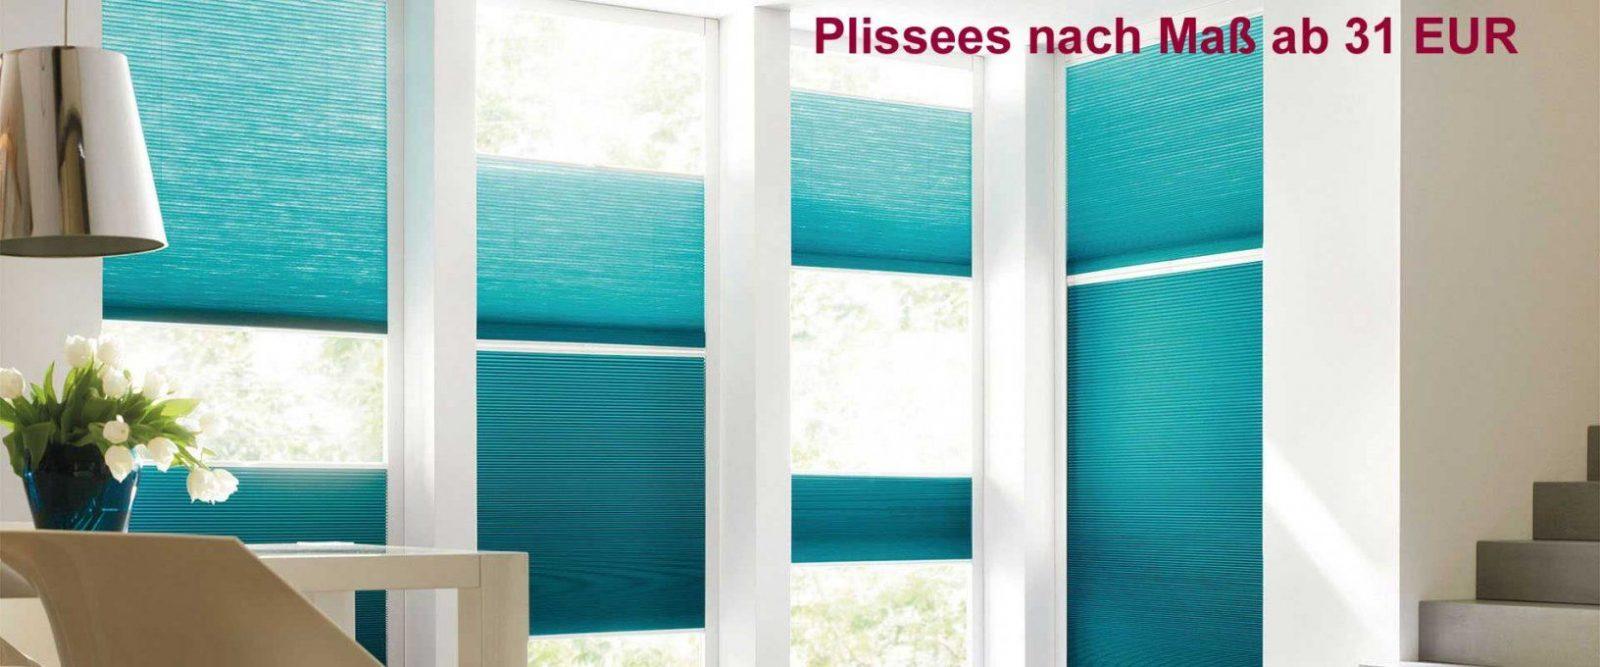 Plissee Nach Maß Ab 31 Eur  Sicht Und Sonnenschutz Nach Maß von Plissee Für Bodentiefe Fenster Photo